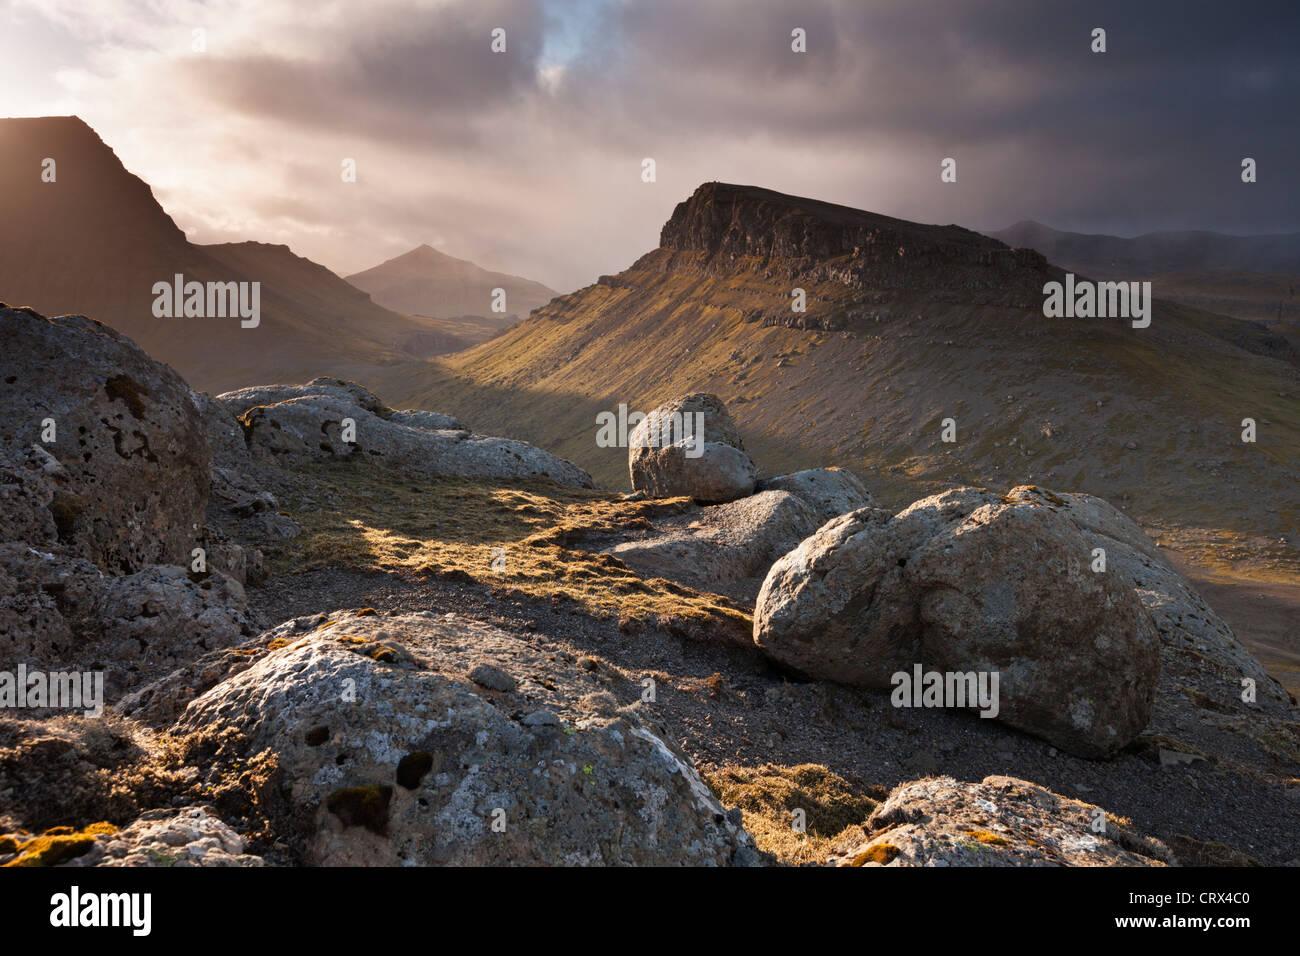 Montagnoso entroterra dell isola di Streymoy, una delle isole Faerøer. Molla (giugno 2012). Immagini Stock